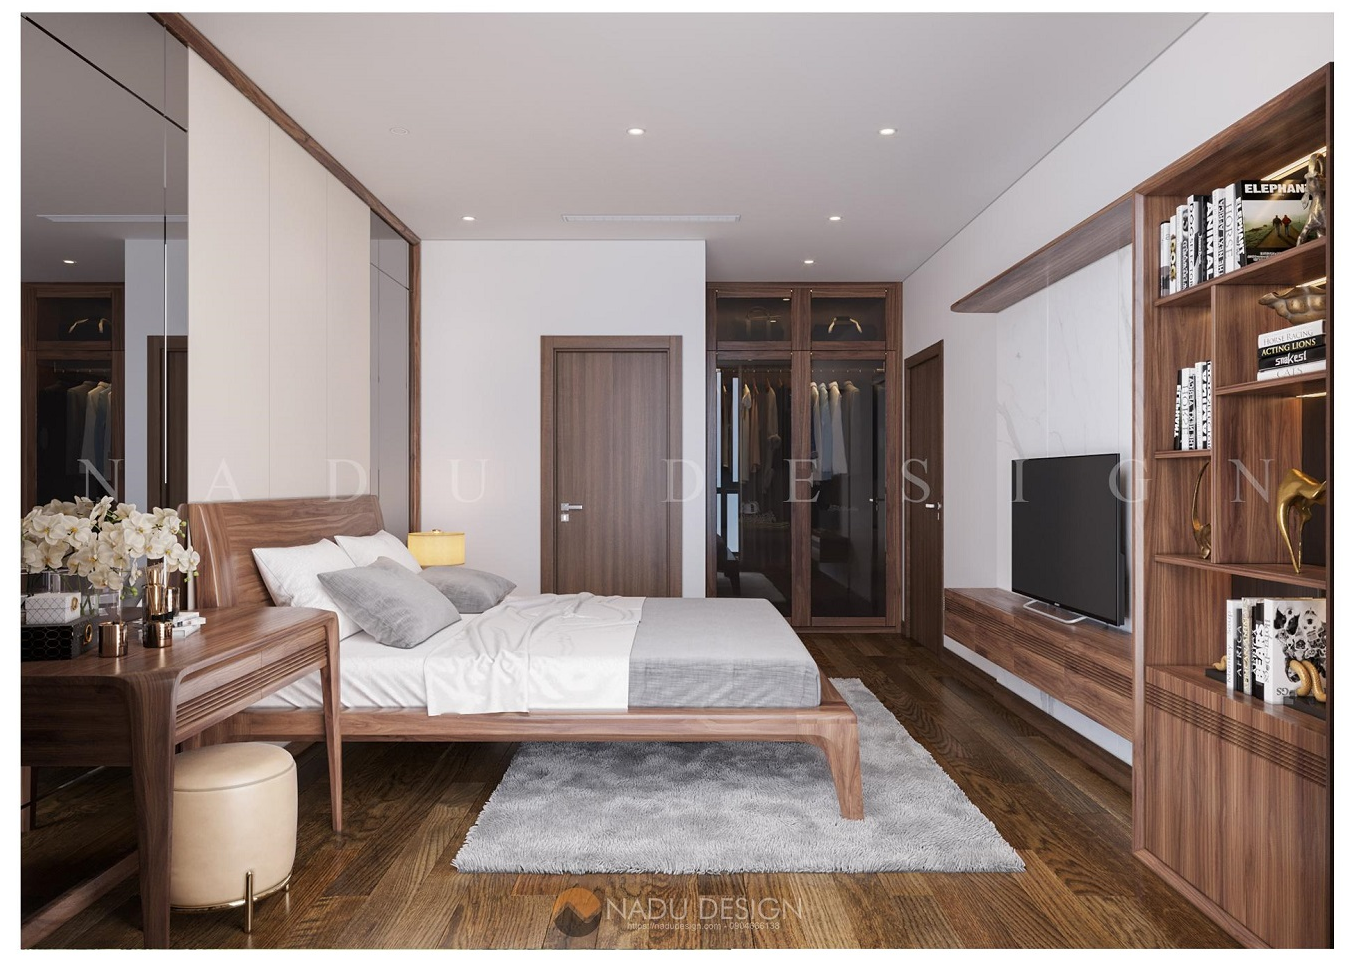 Thiết kế nội thất phòng ngủ chung cư gỗ óc chó đẹp